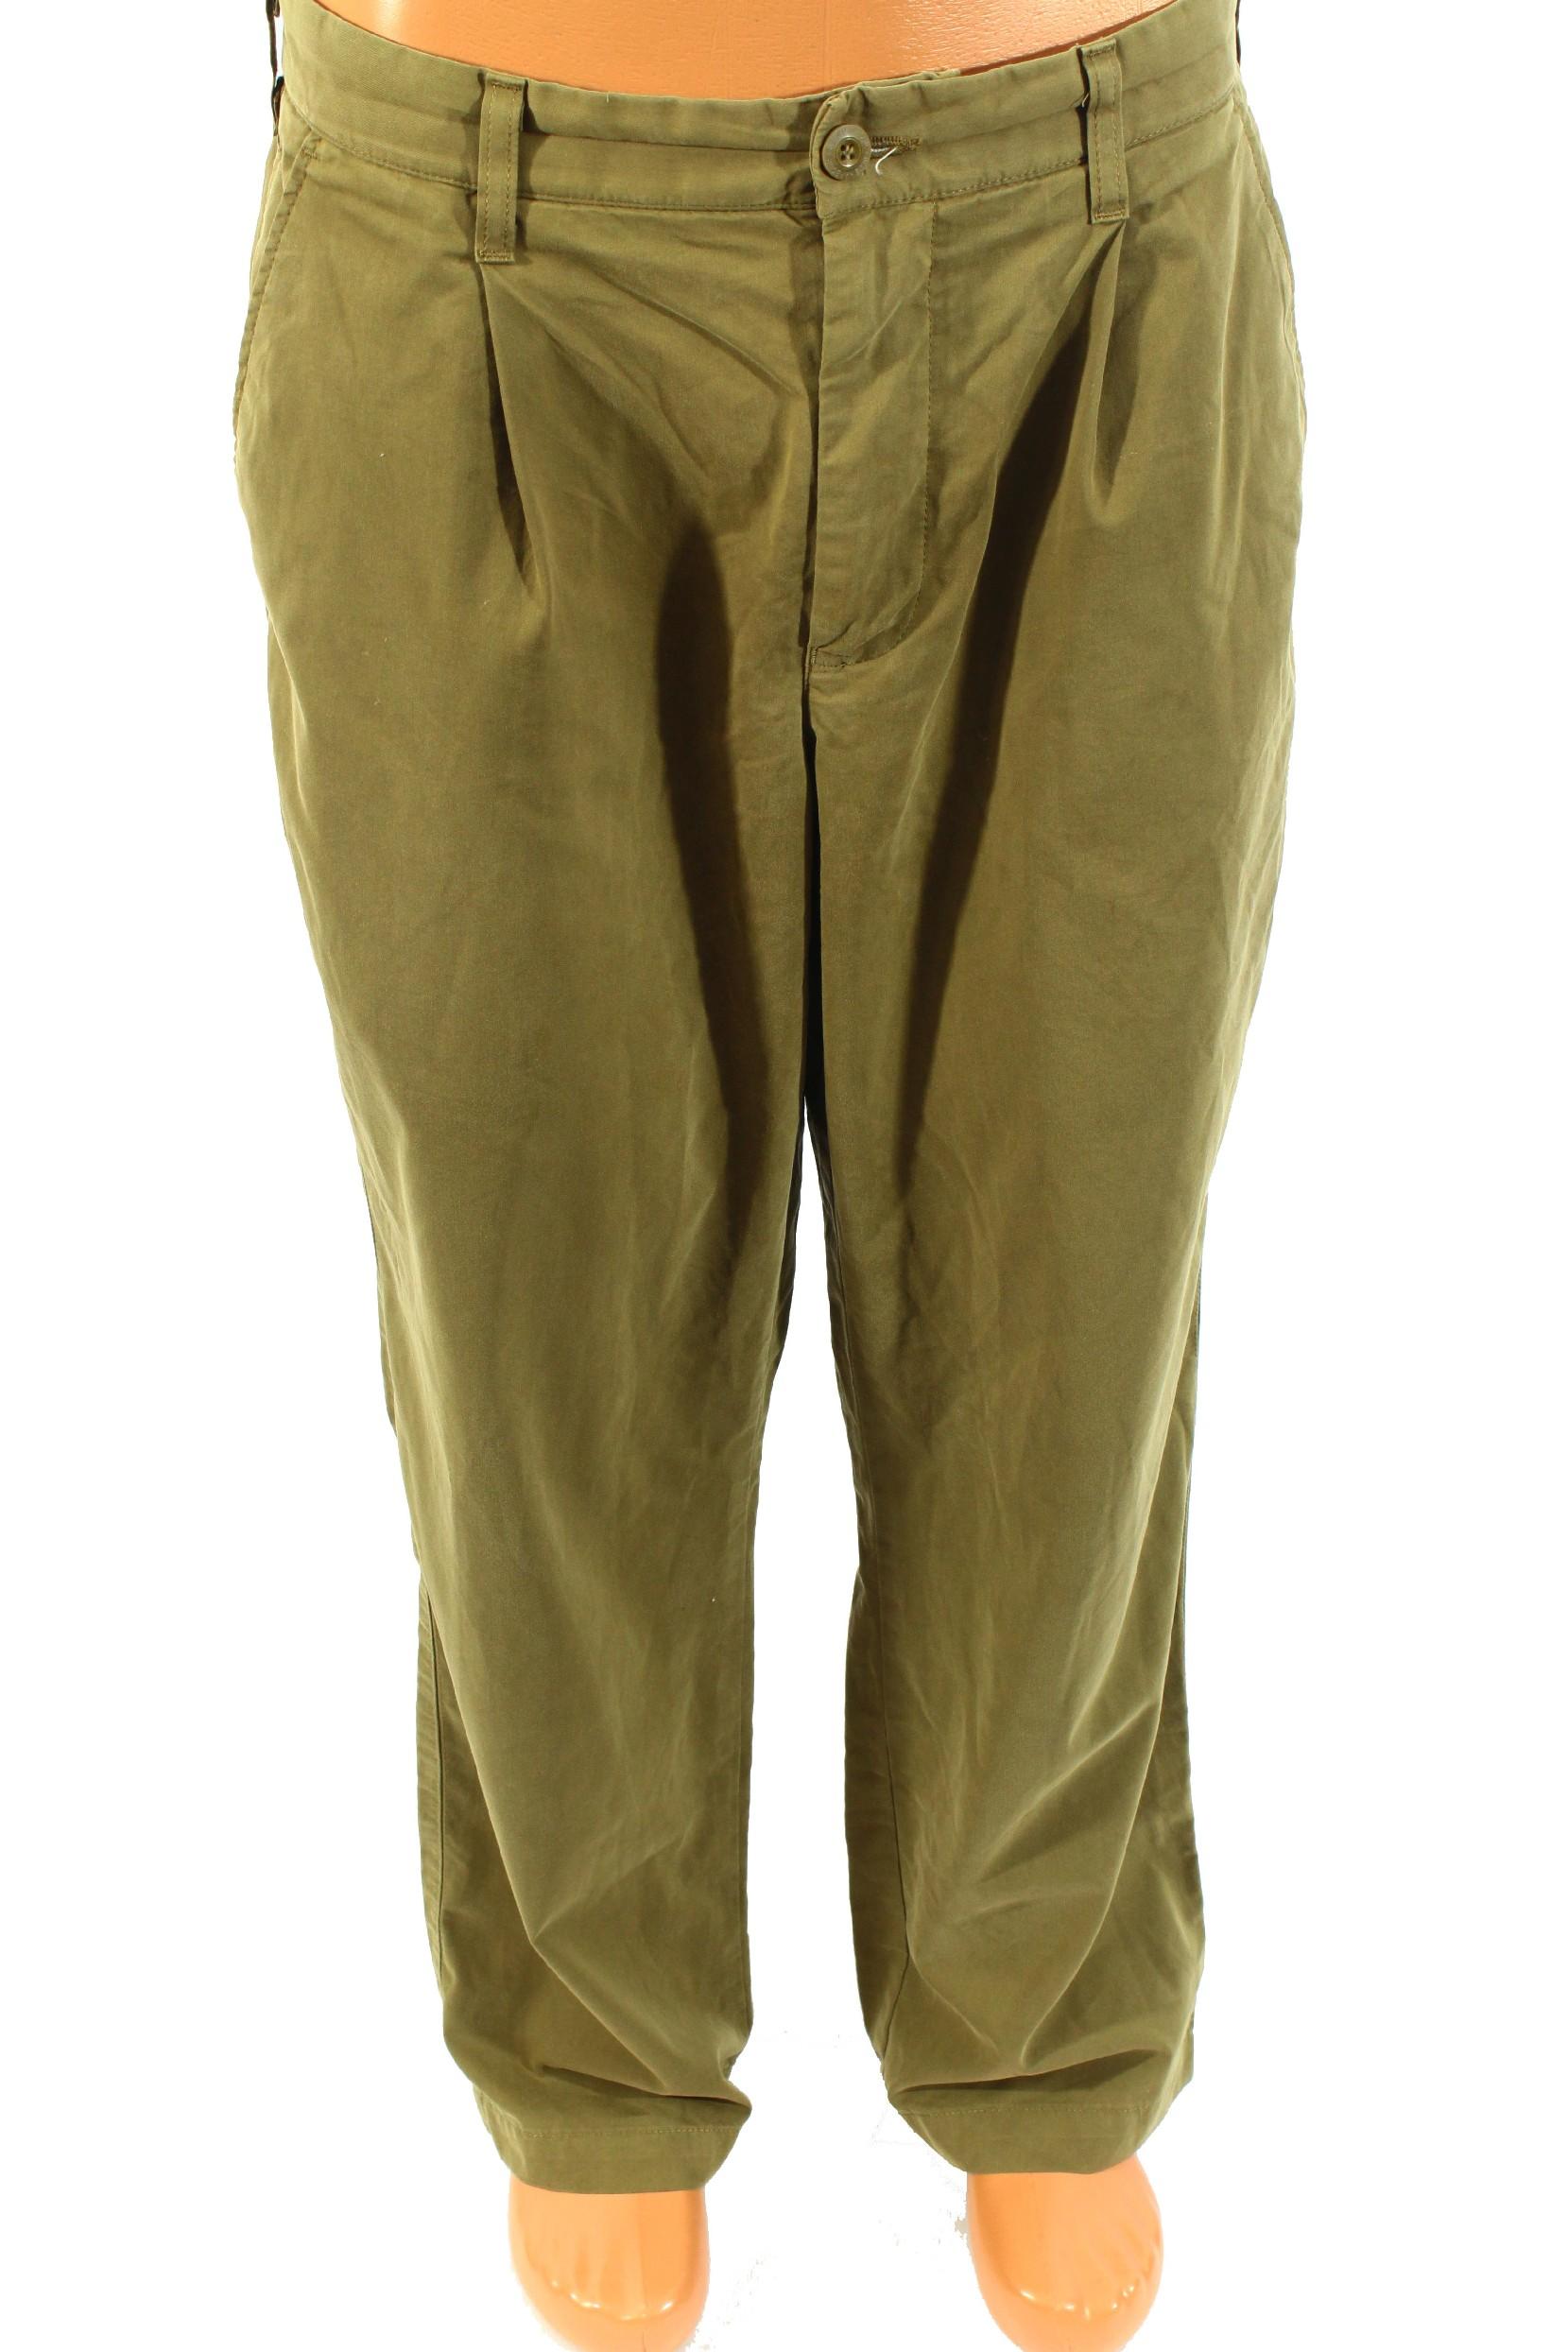 M&S BLUE HARBOUR Spodnie! W36 L29 Pas 90